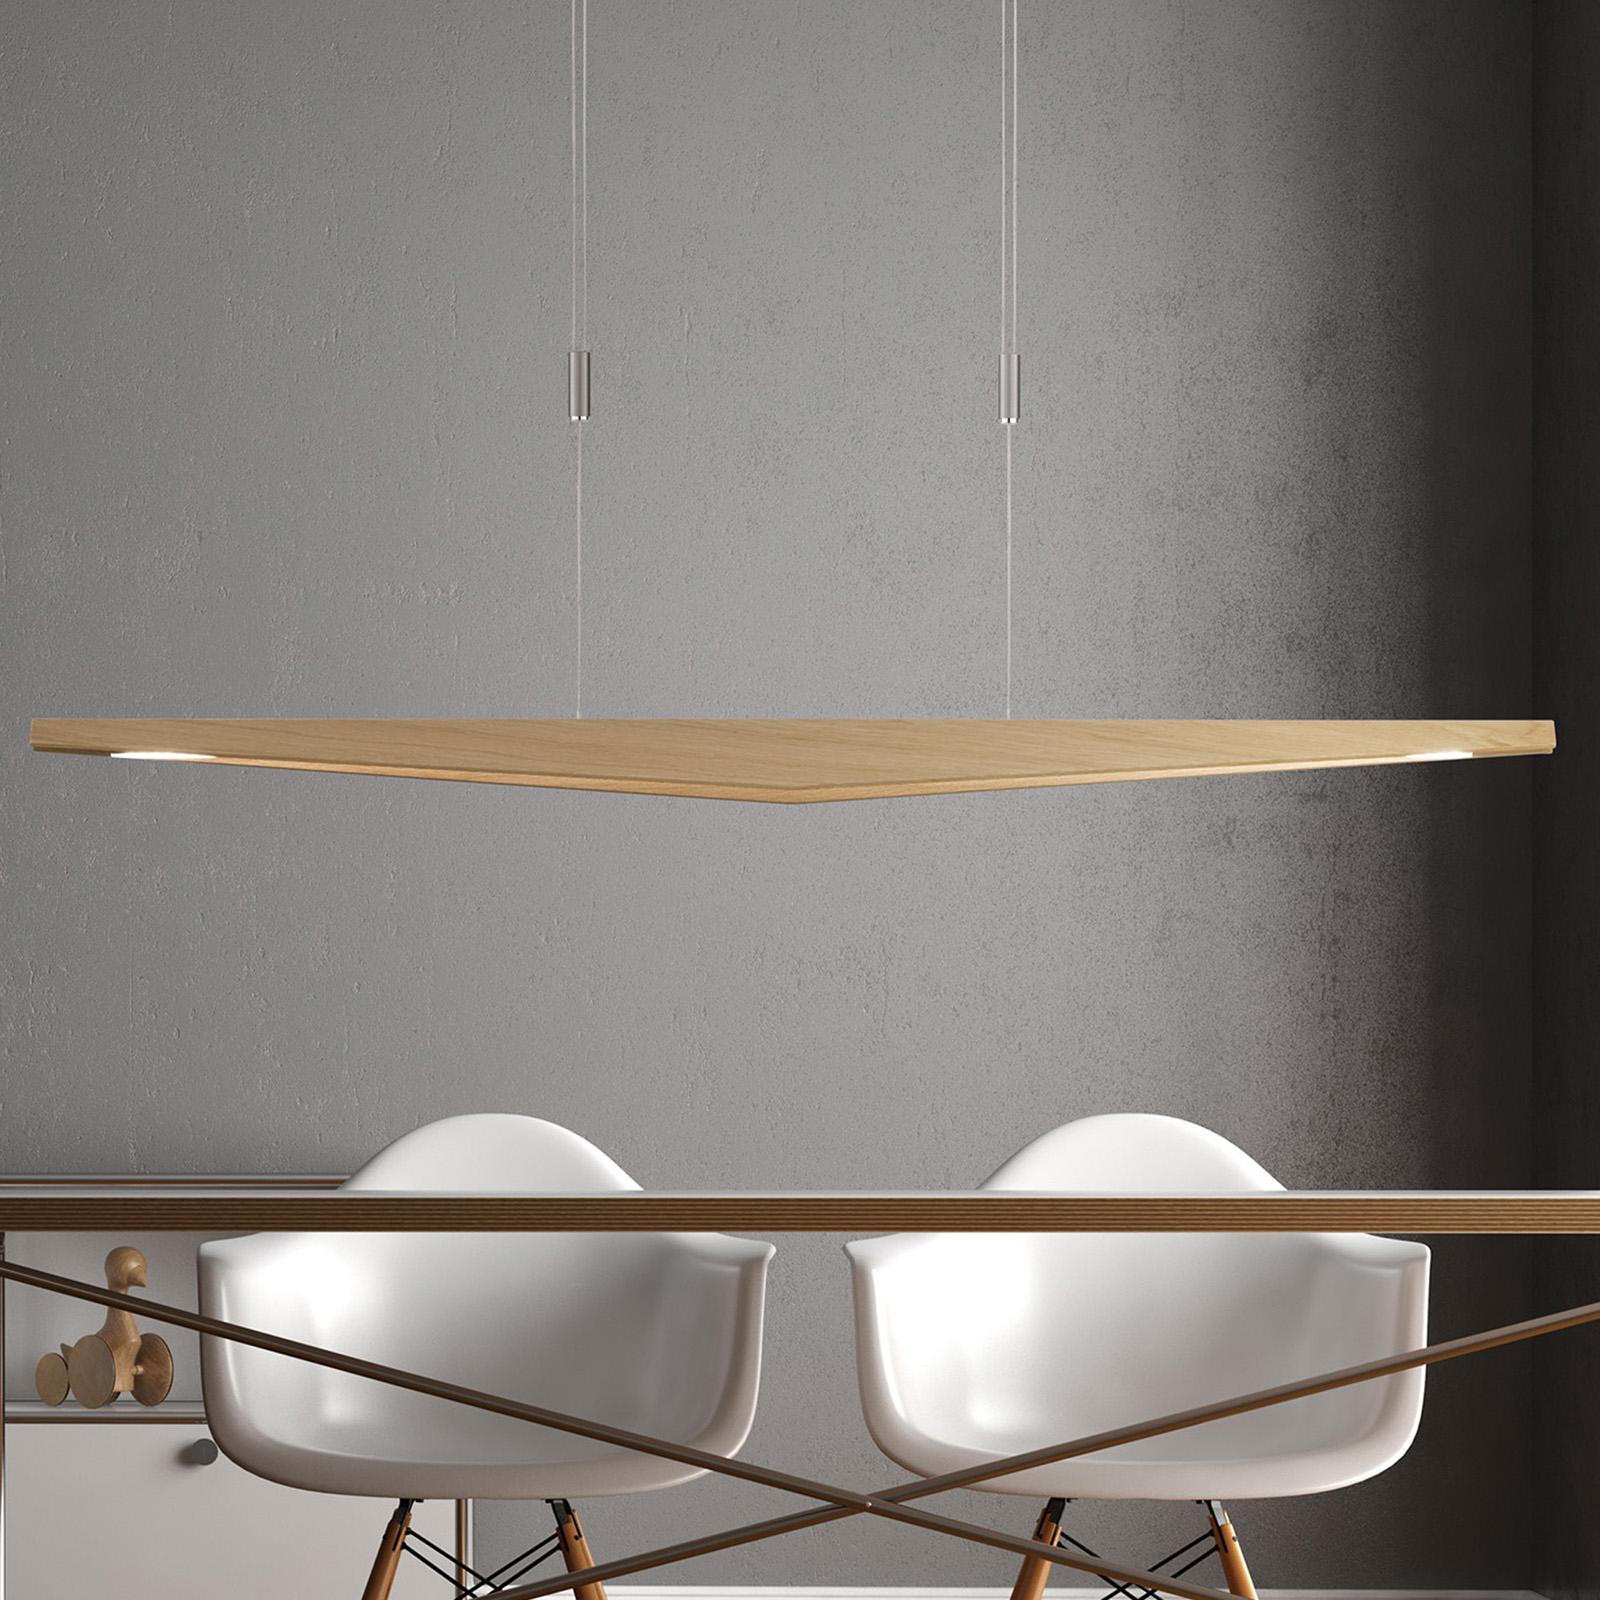 Lucande Dila LED-Pendelleuchte, Eiche natur 148 cm